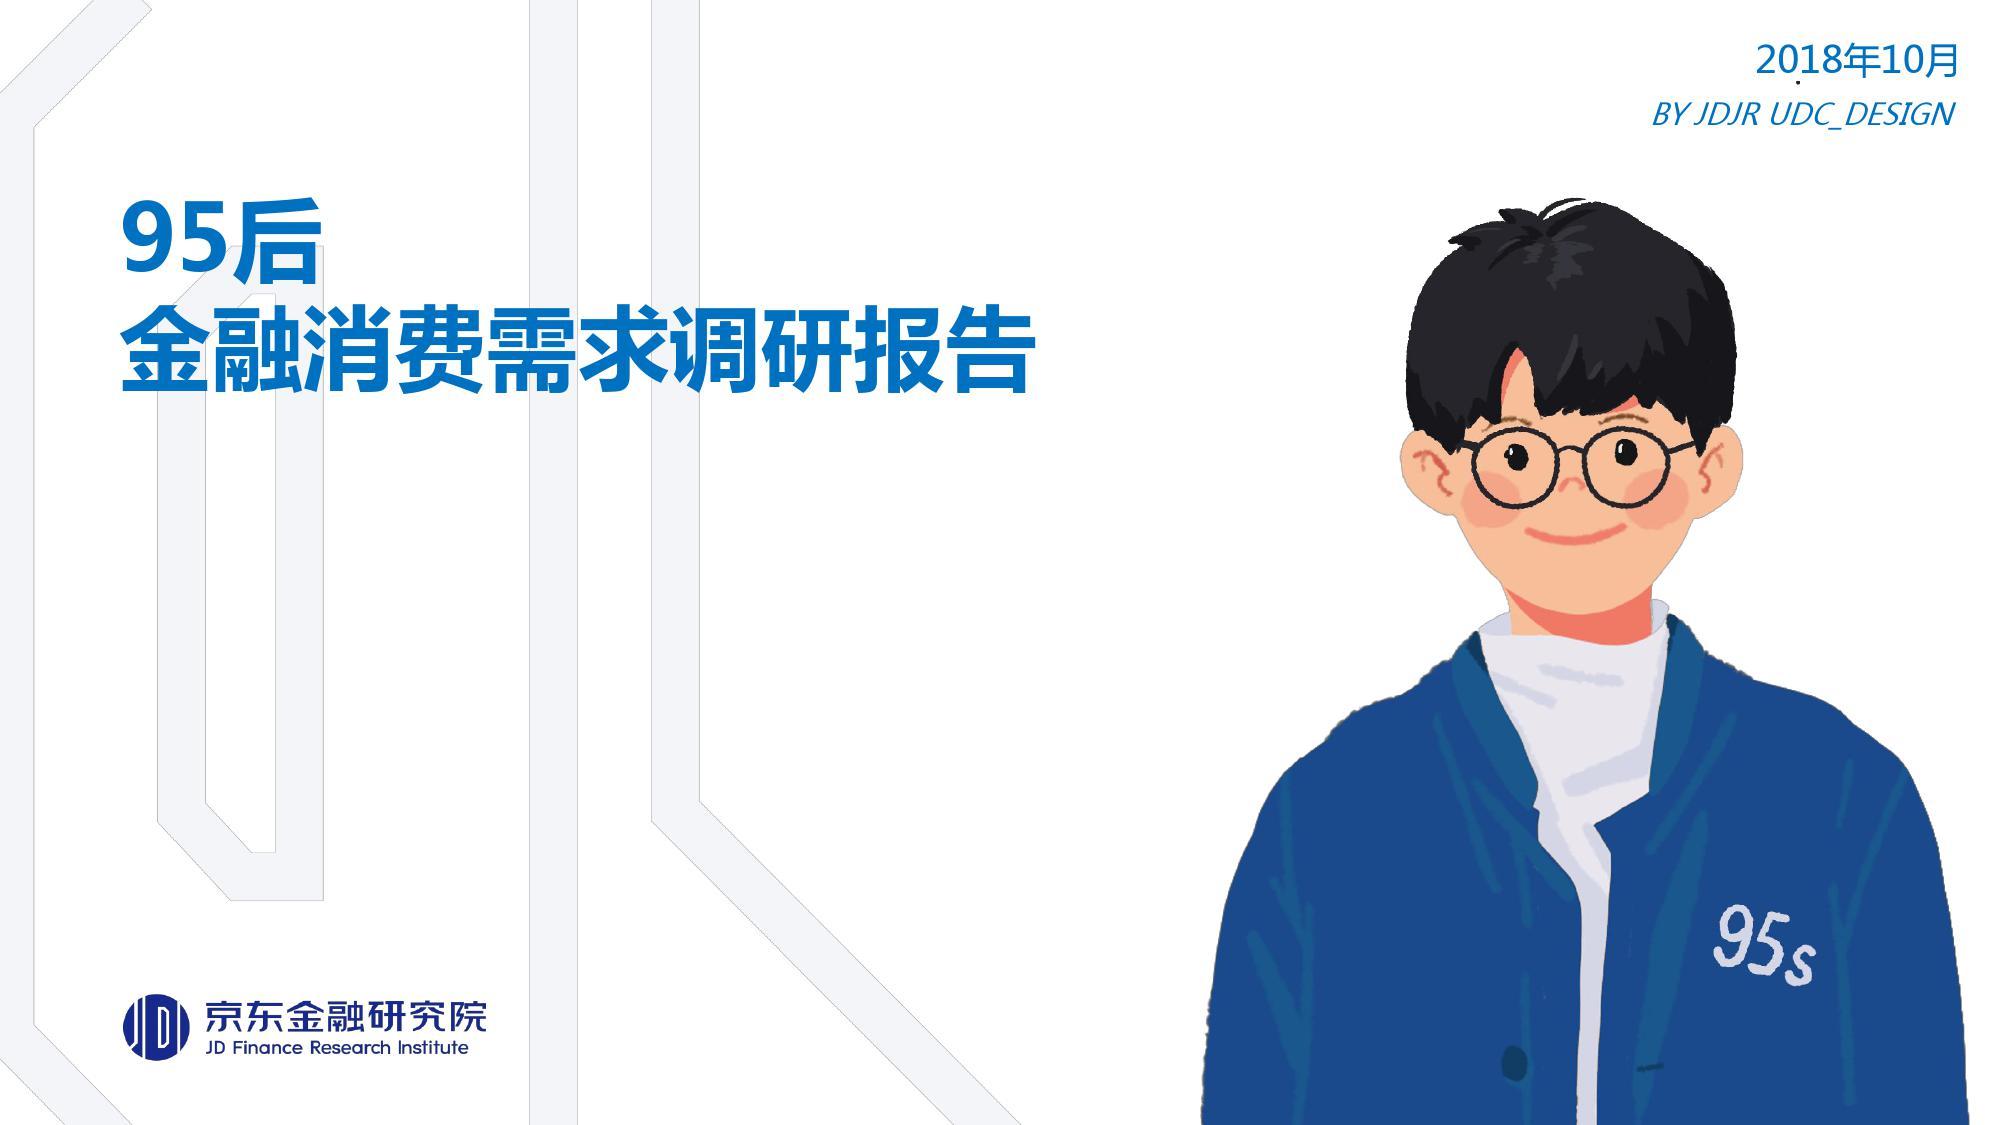 京东金融研究院:《95后金融消费需求调研报告》(ppt)